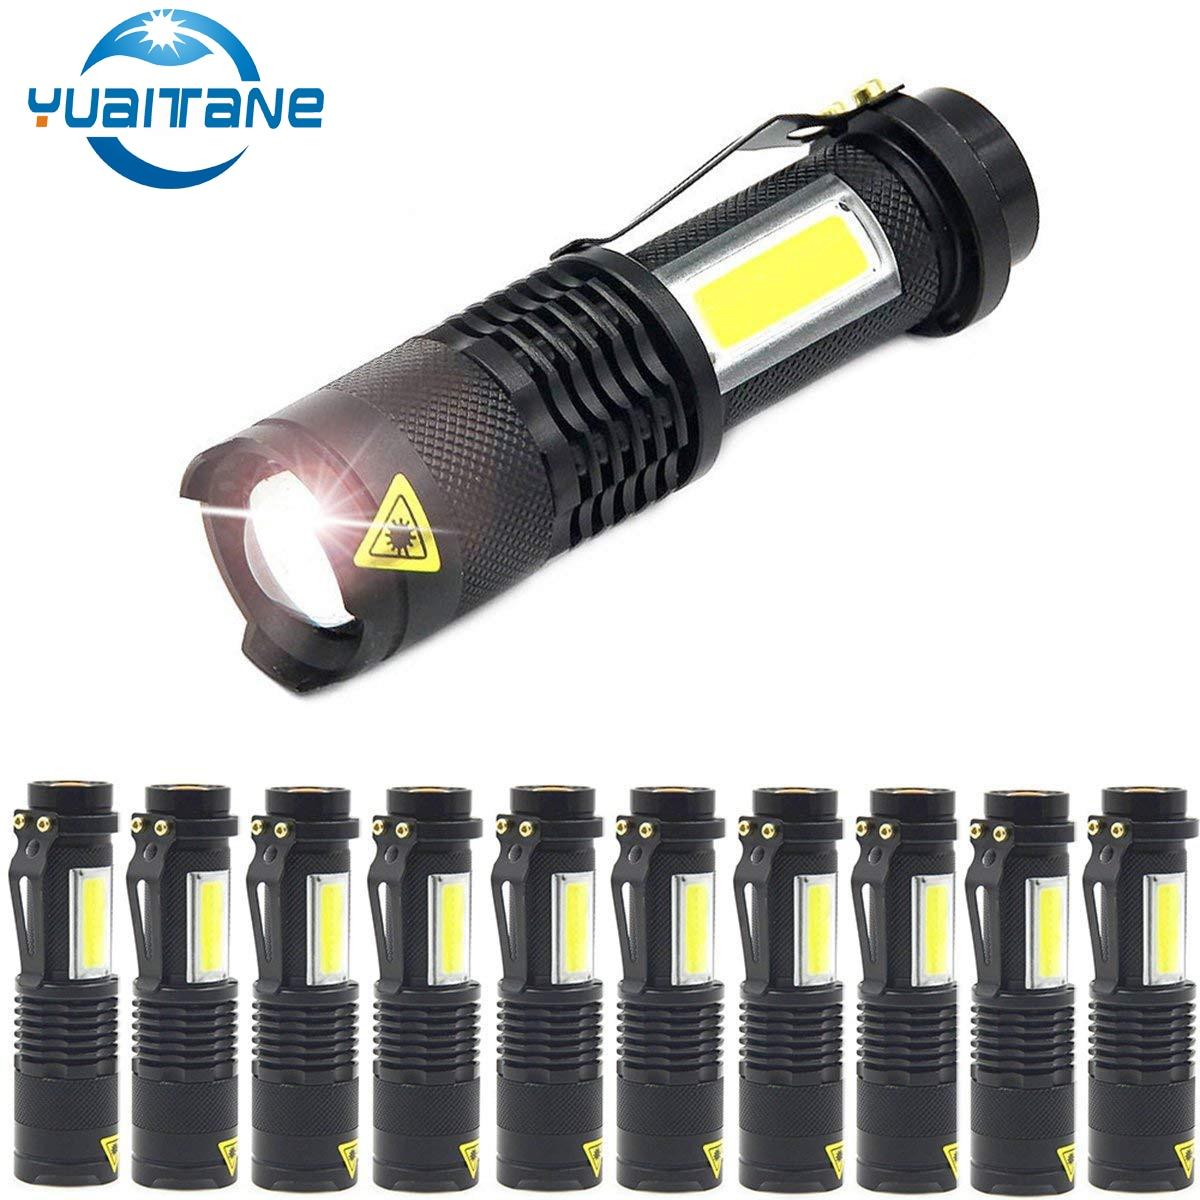 1/3/6/10 шт 3800LM светодиодный фонарик мини Q5 + COB фонарики 4 режима портативный зум-фонарик для кемпинга езды на 14500 или AA